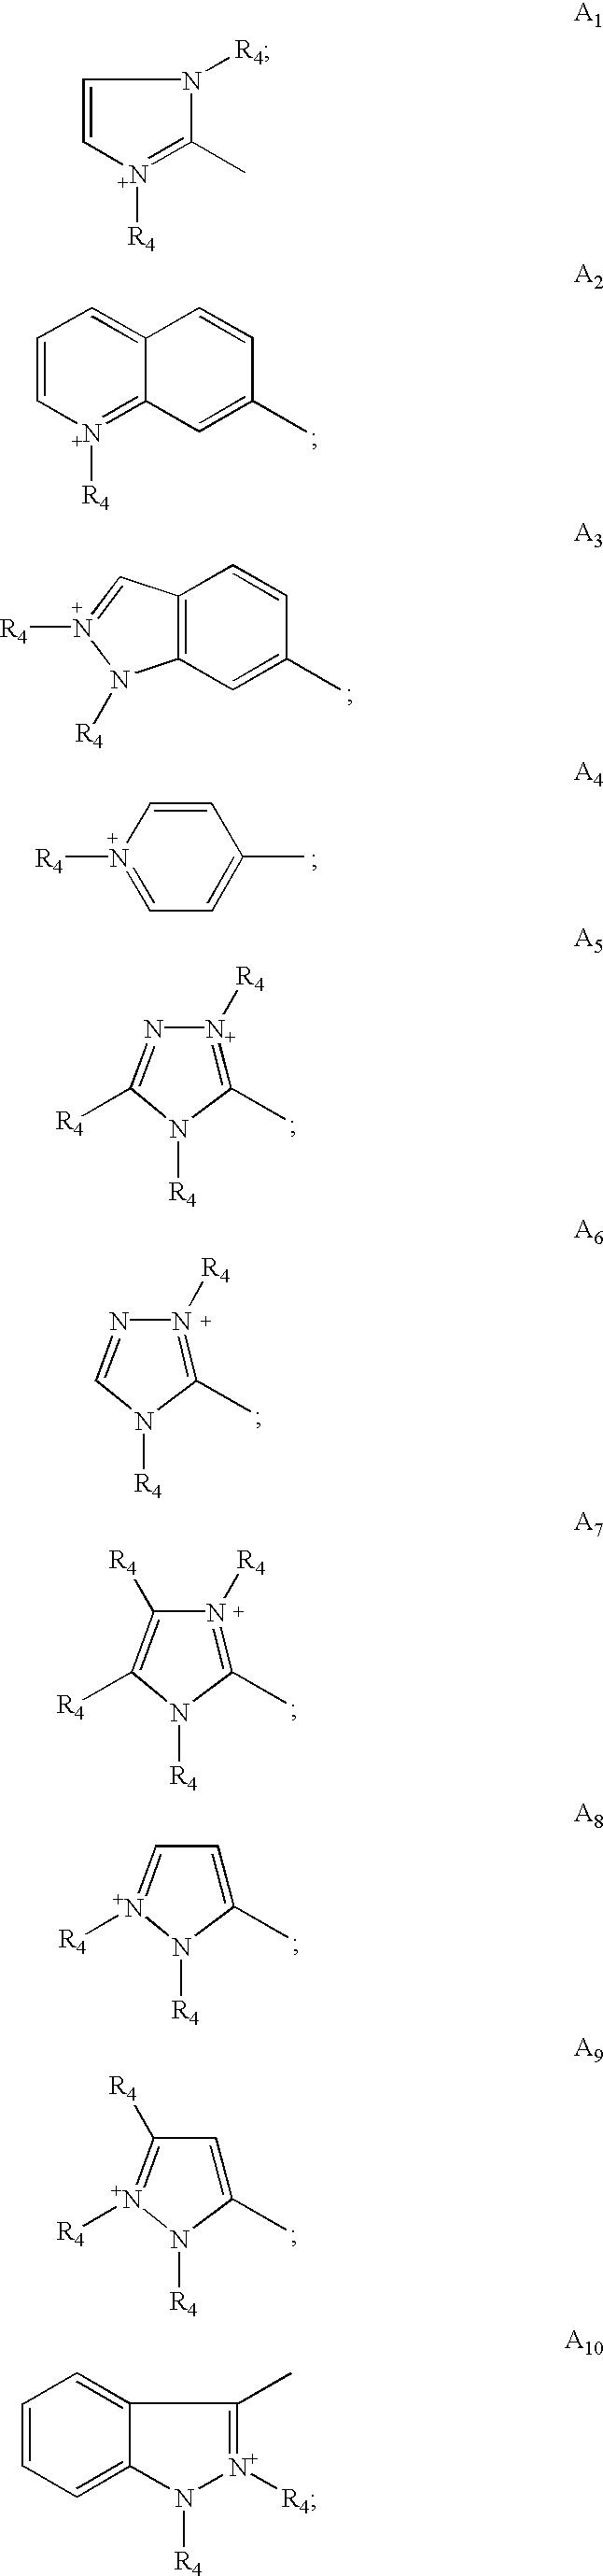 Figure US20020046432A1-20020425-C00002